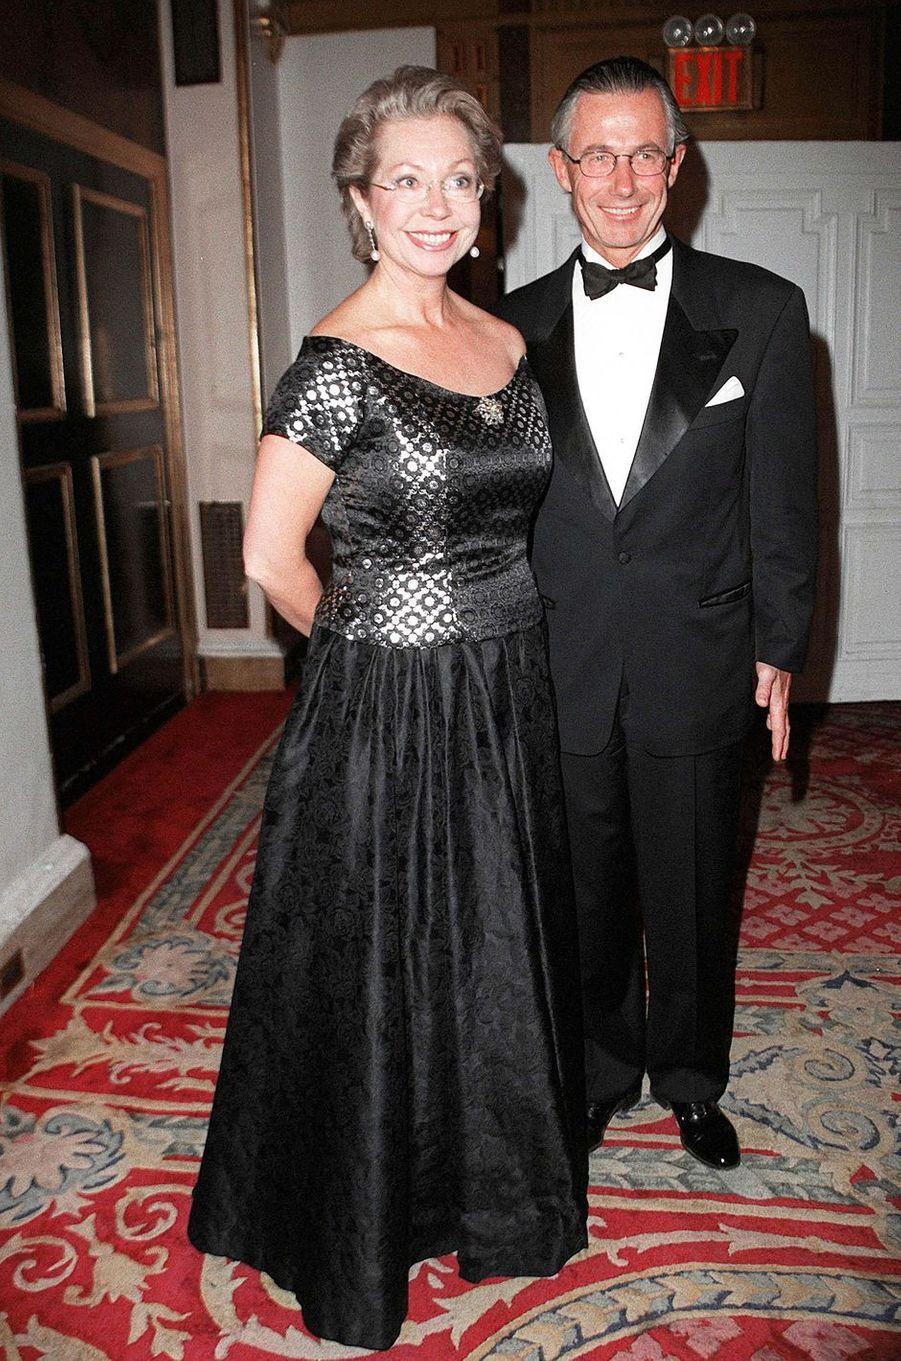 La princesse Christina de Suède avec son mari Tord Magnuson, le 6 octobre 1998